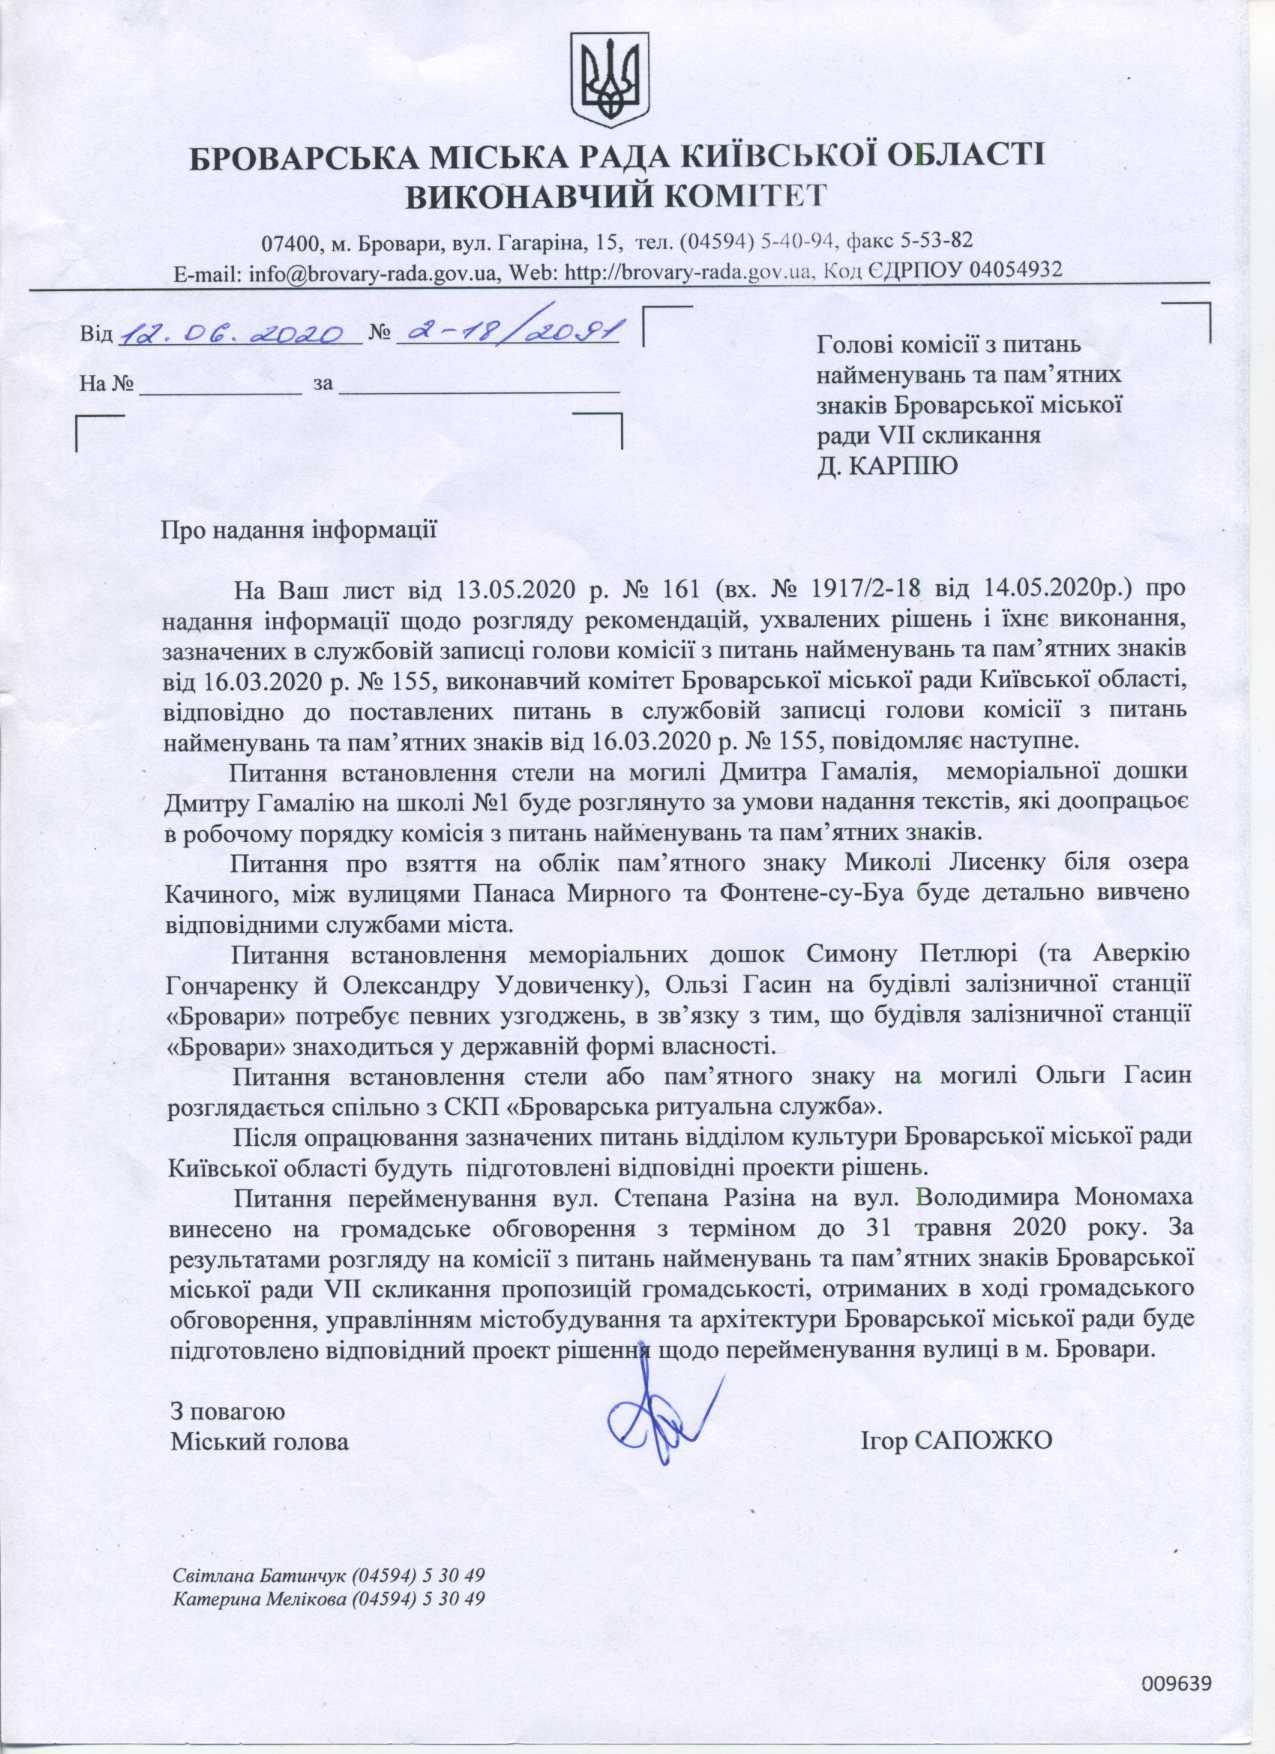 Лист № 161 Сапожка голові комісії Карпію